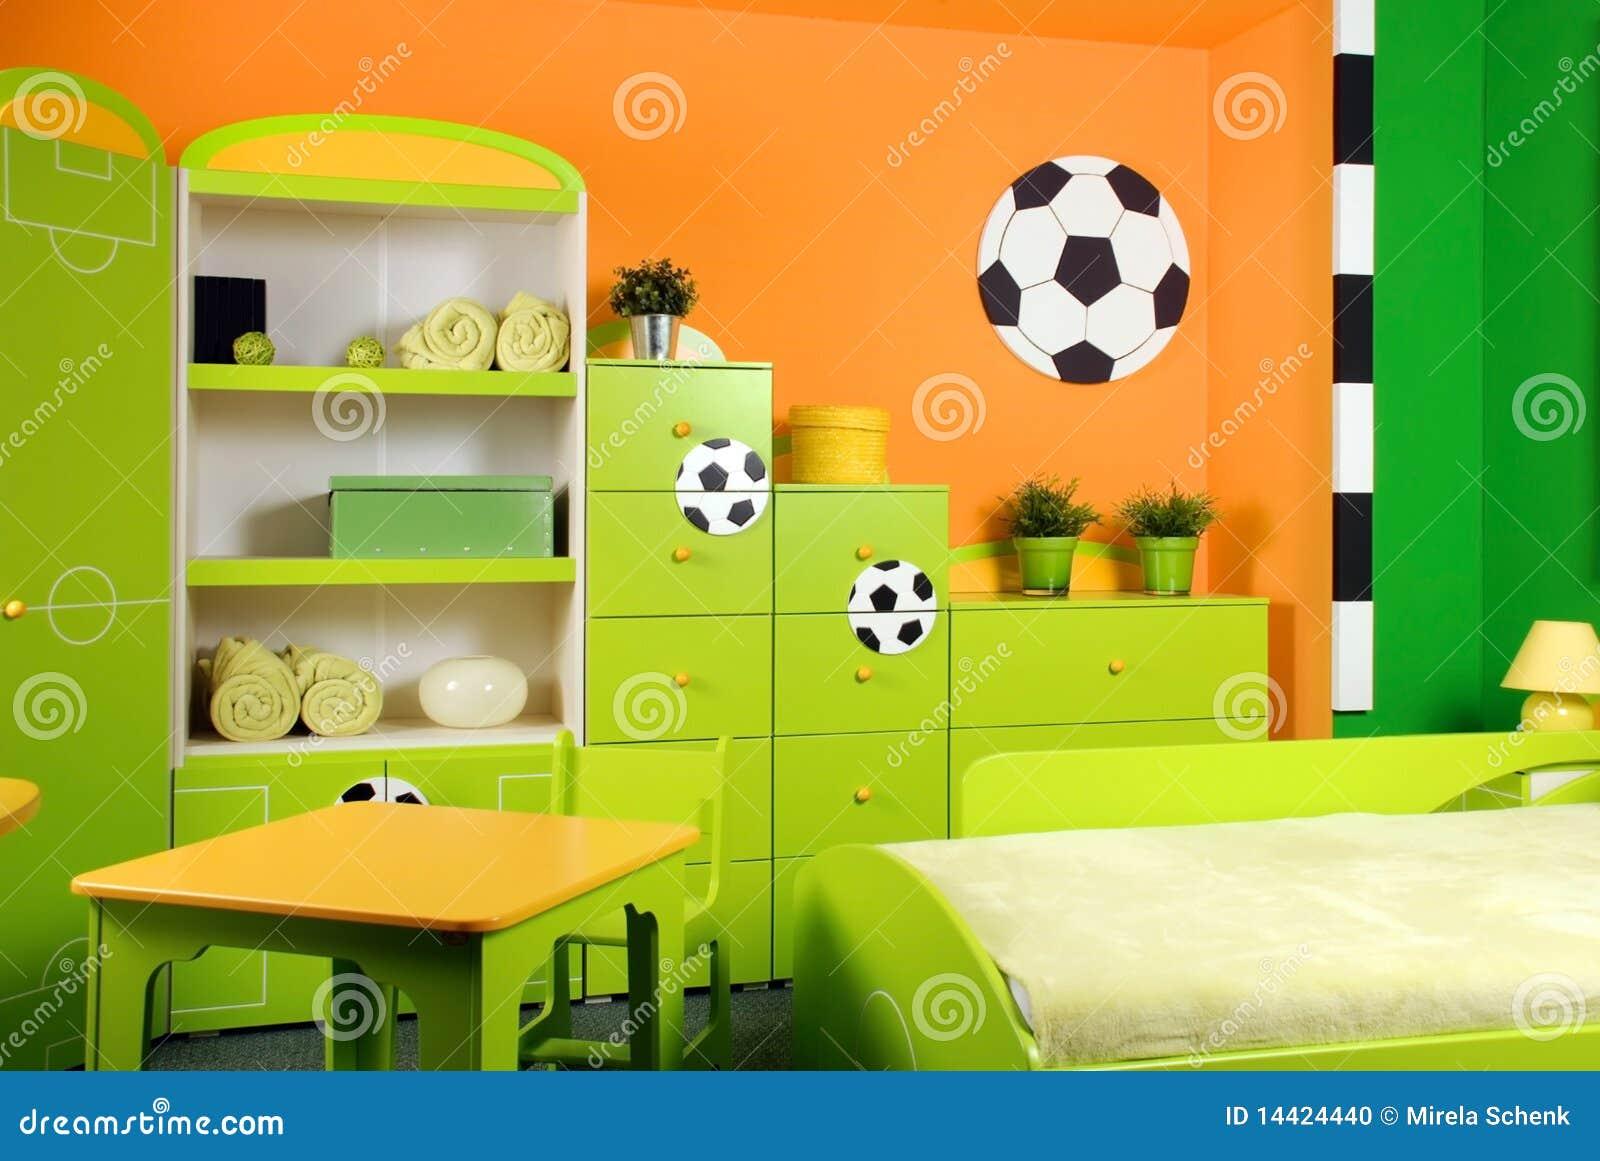 de slaapkamer van jongens. stock foto - afbeelding: 14424440, Deco ideeën